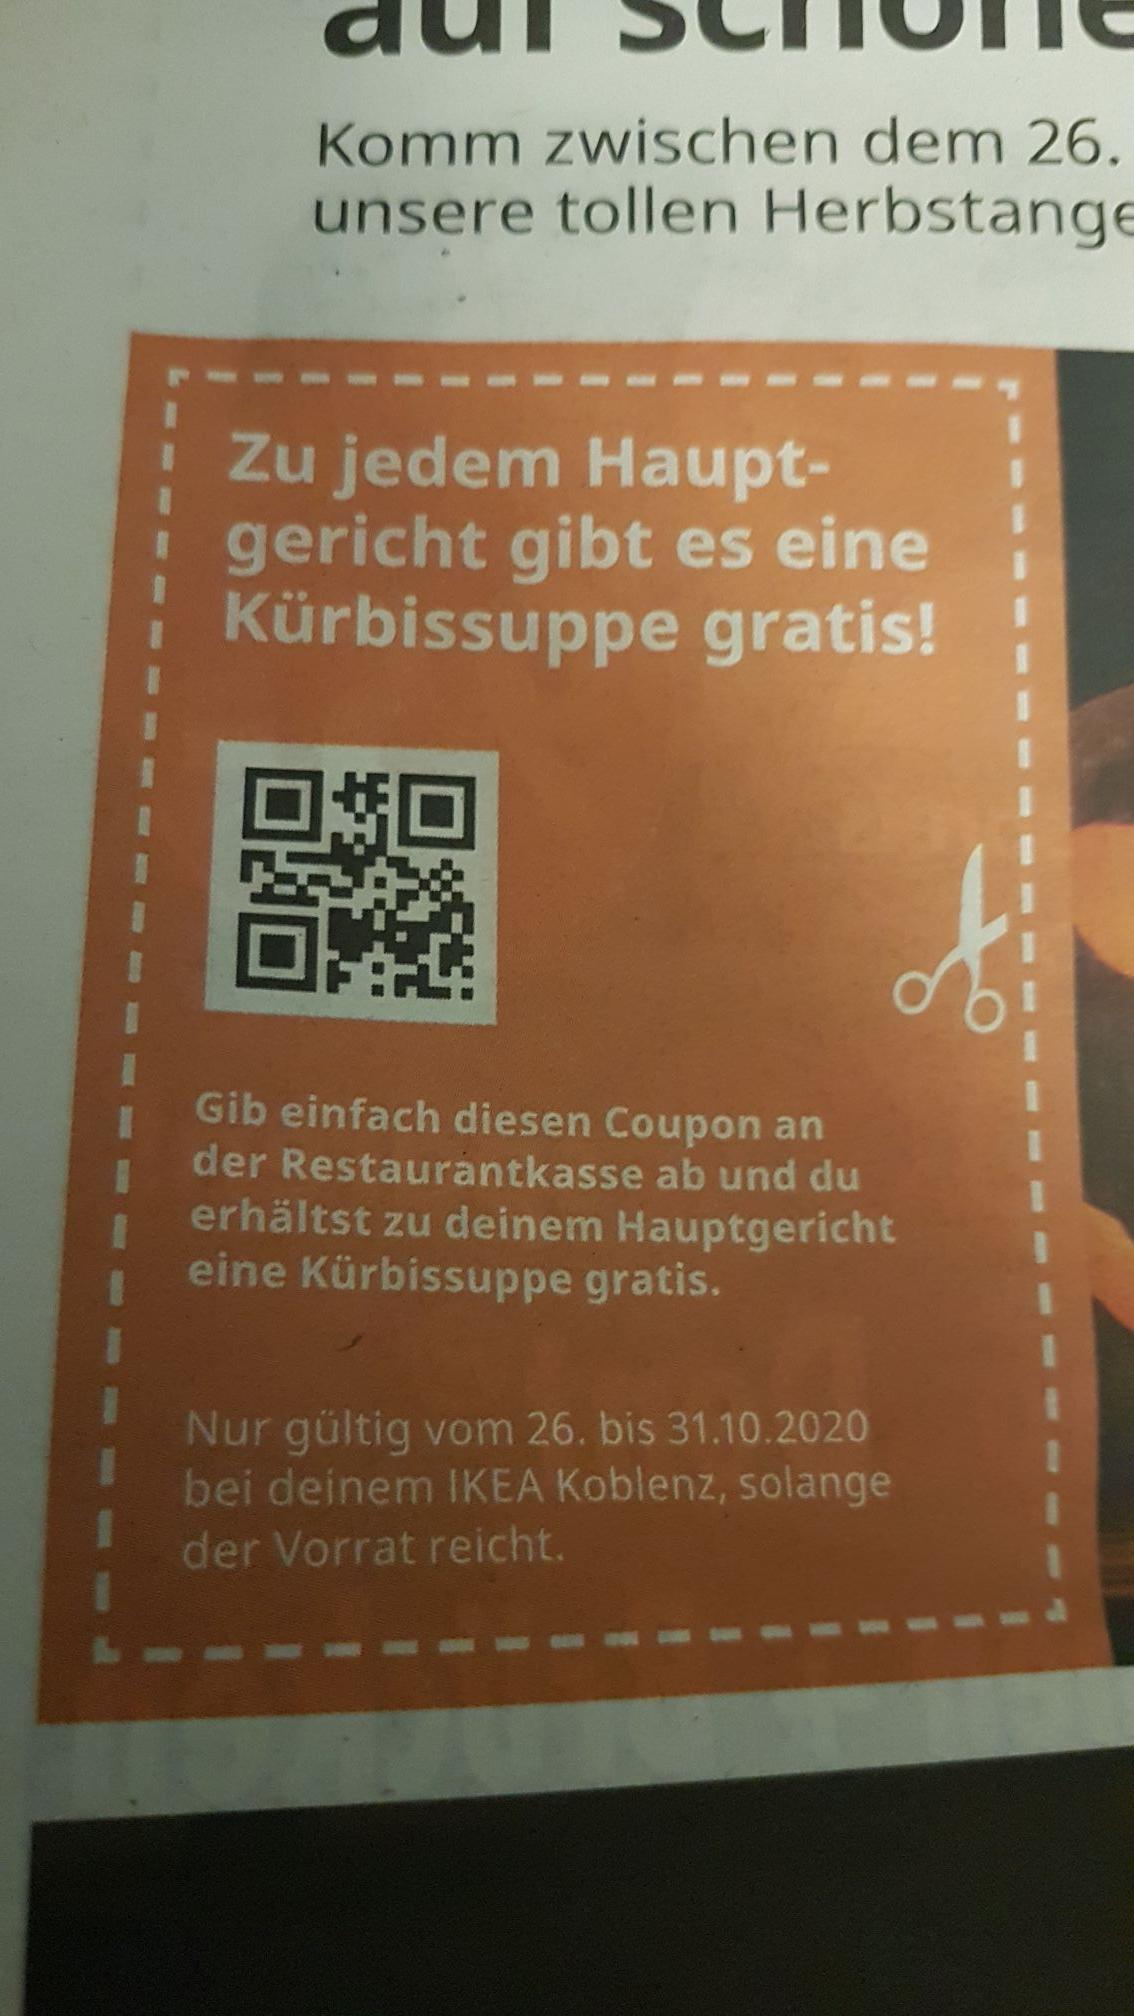 Gratis Kürbissuppe zu jedem Hauptgericht bei IKEA Koblenz